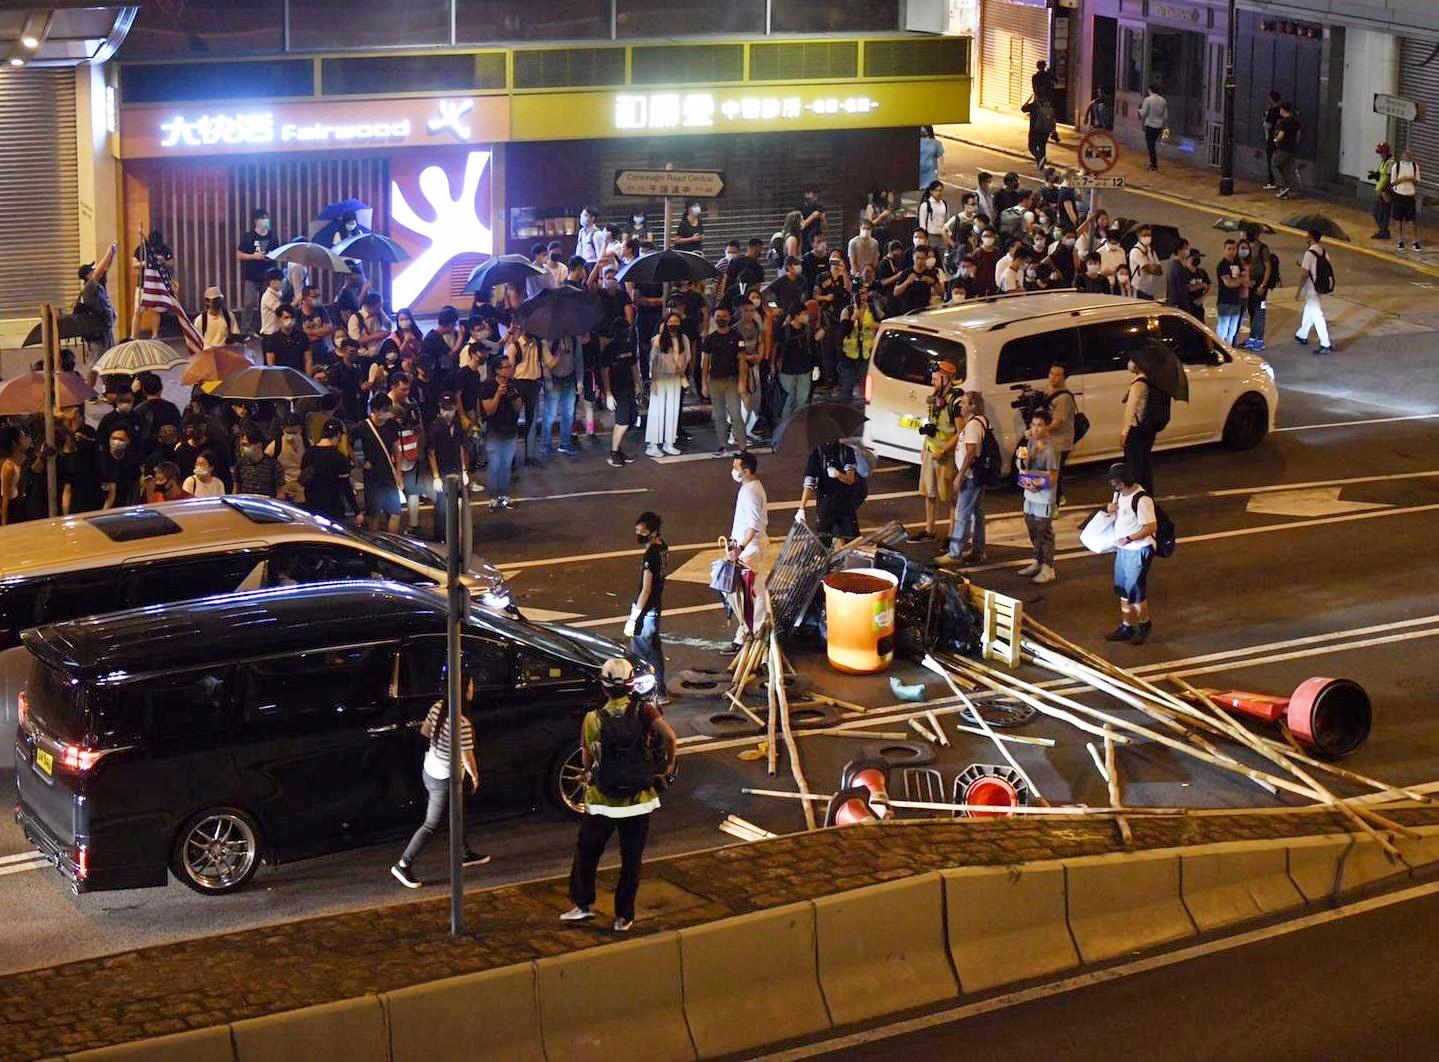 【修例风波】指示威者港岛多处堵路 警促立刻停止违法行为并离开